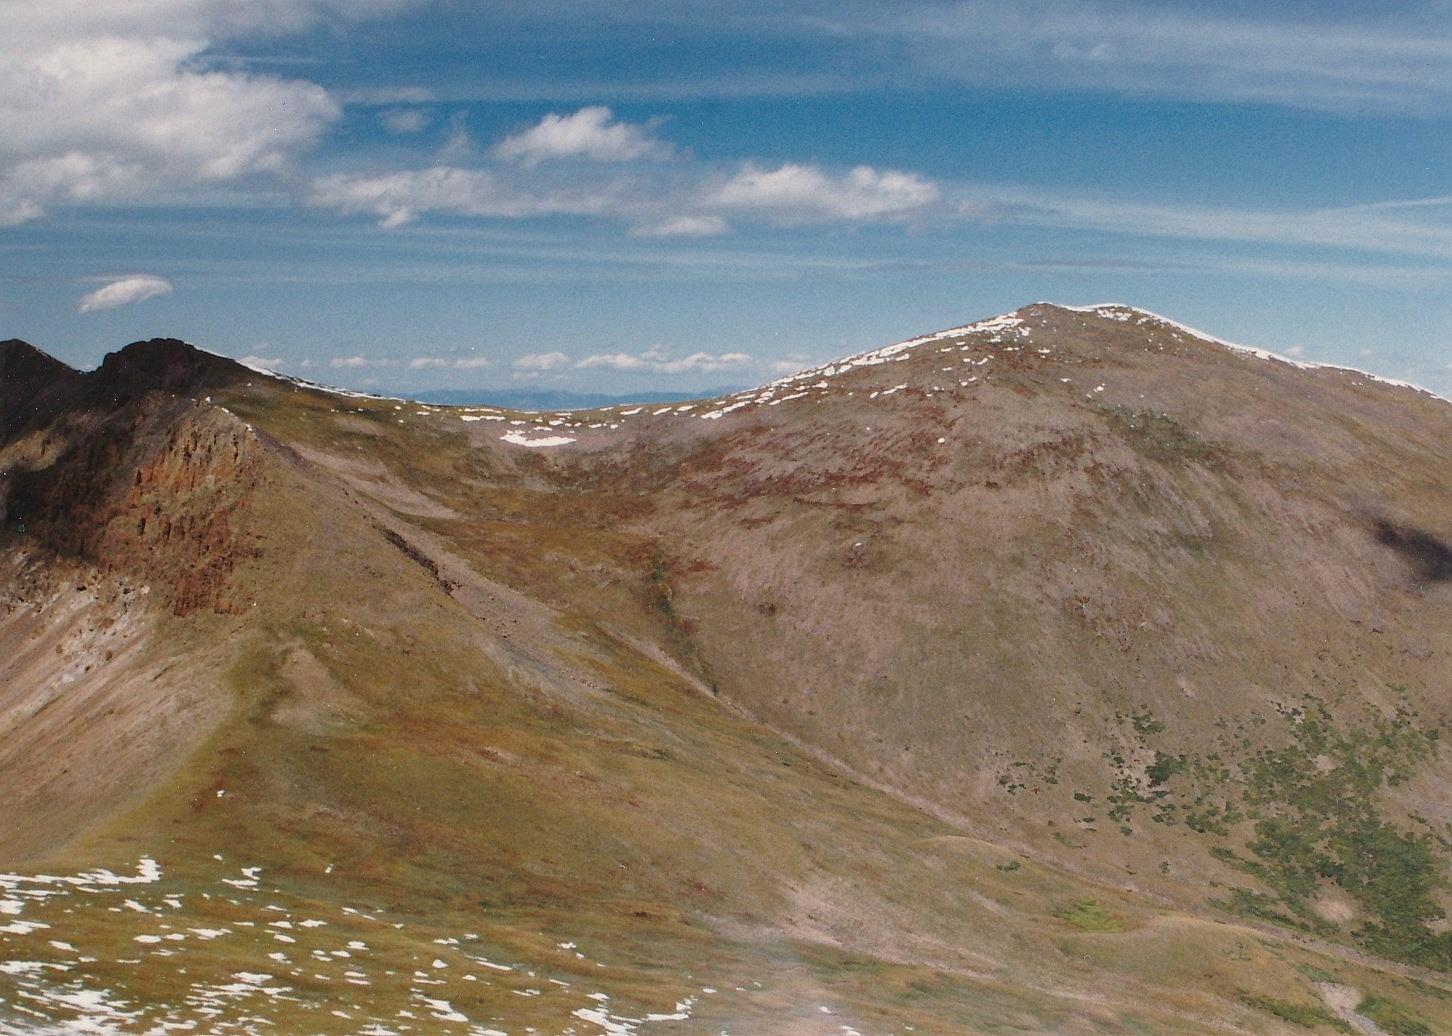 Stewart Peak - 13,983